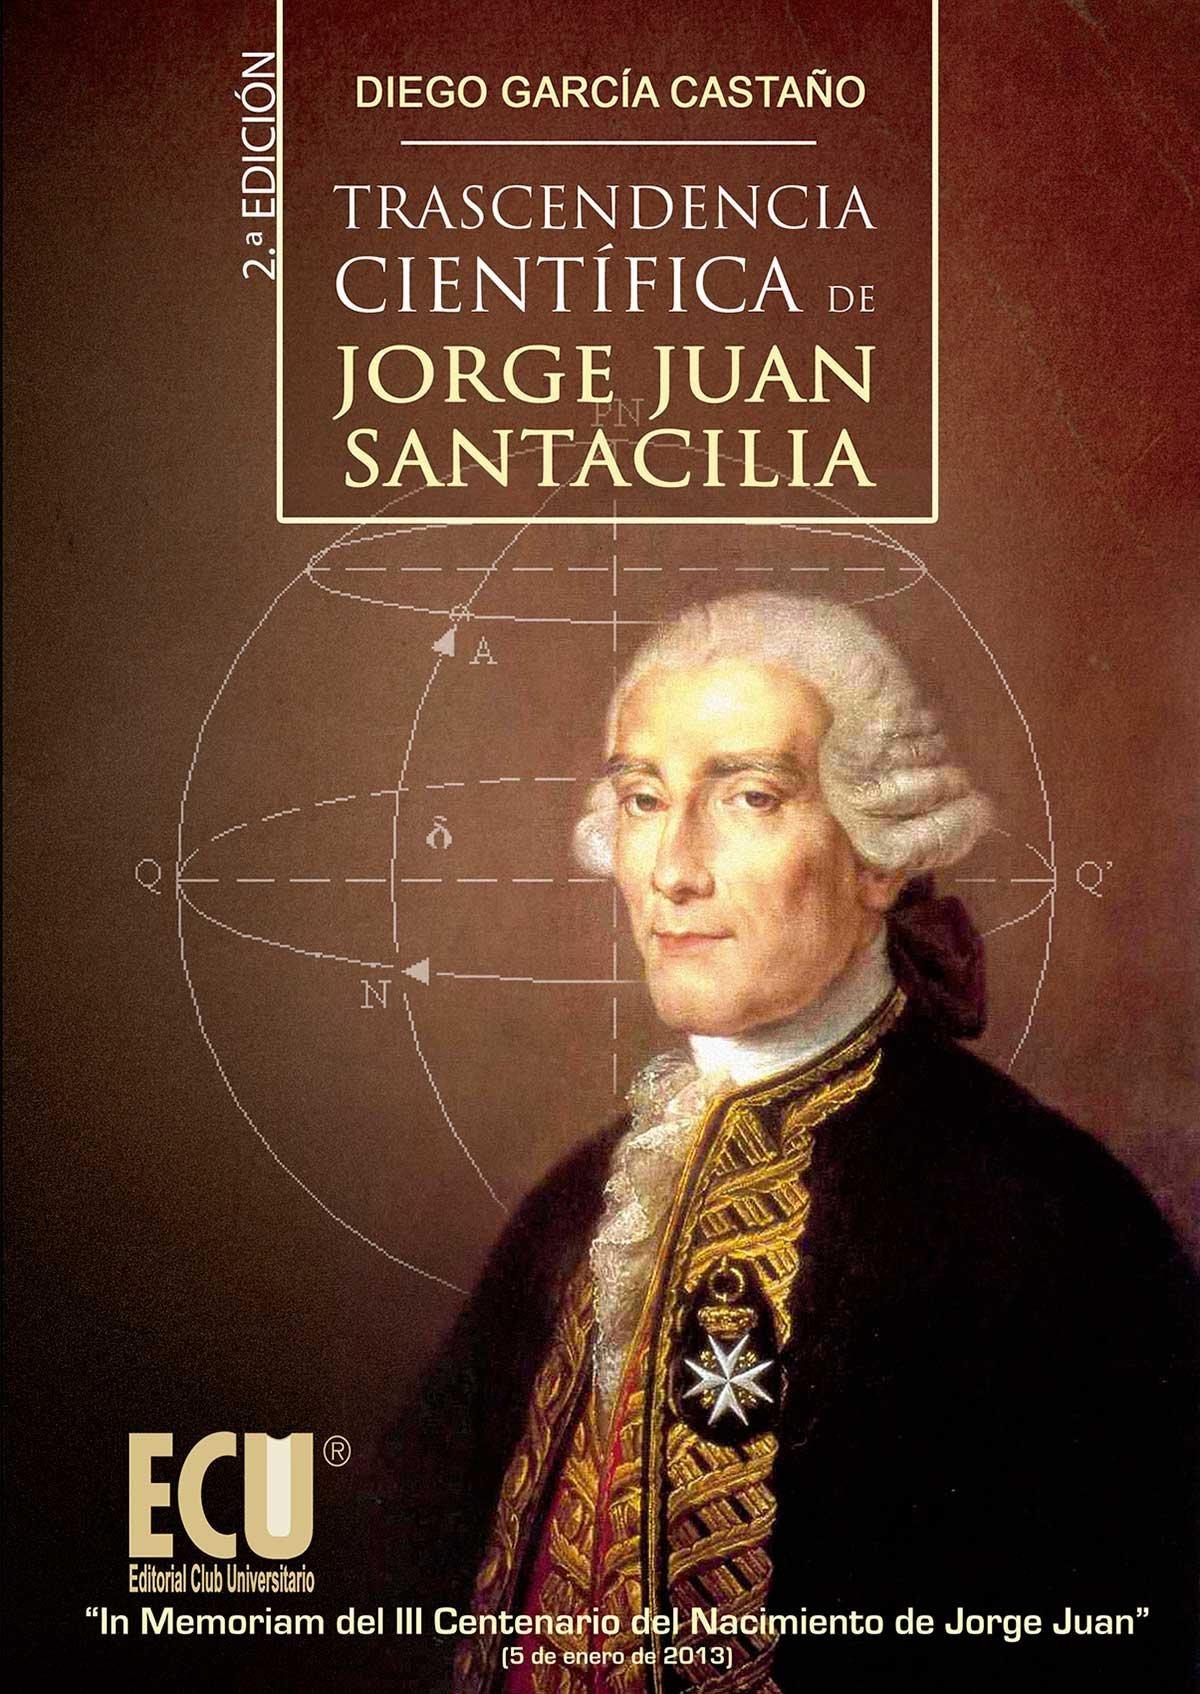 Trascendencia cient¡fica de Jorge Juan Santacilia 9788499484686